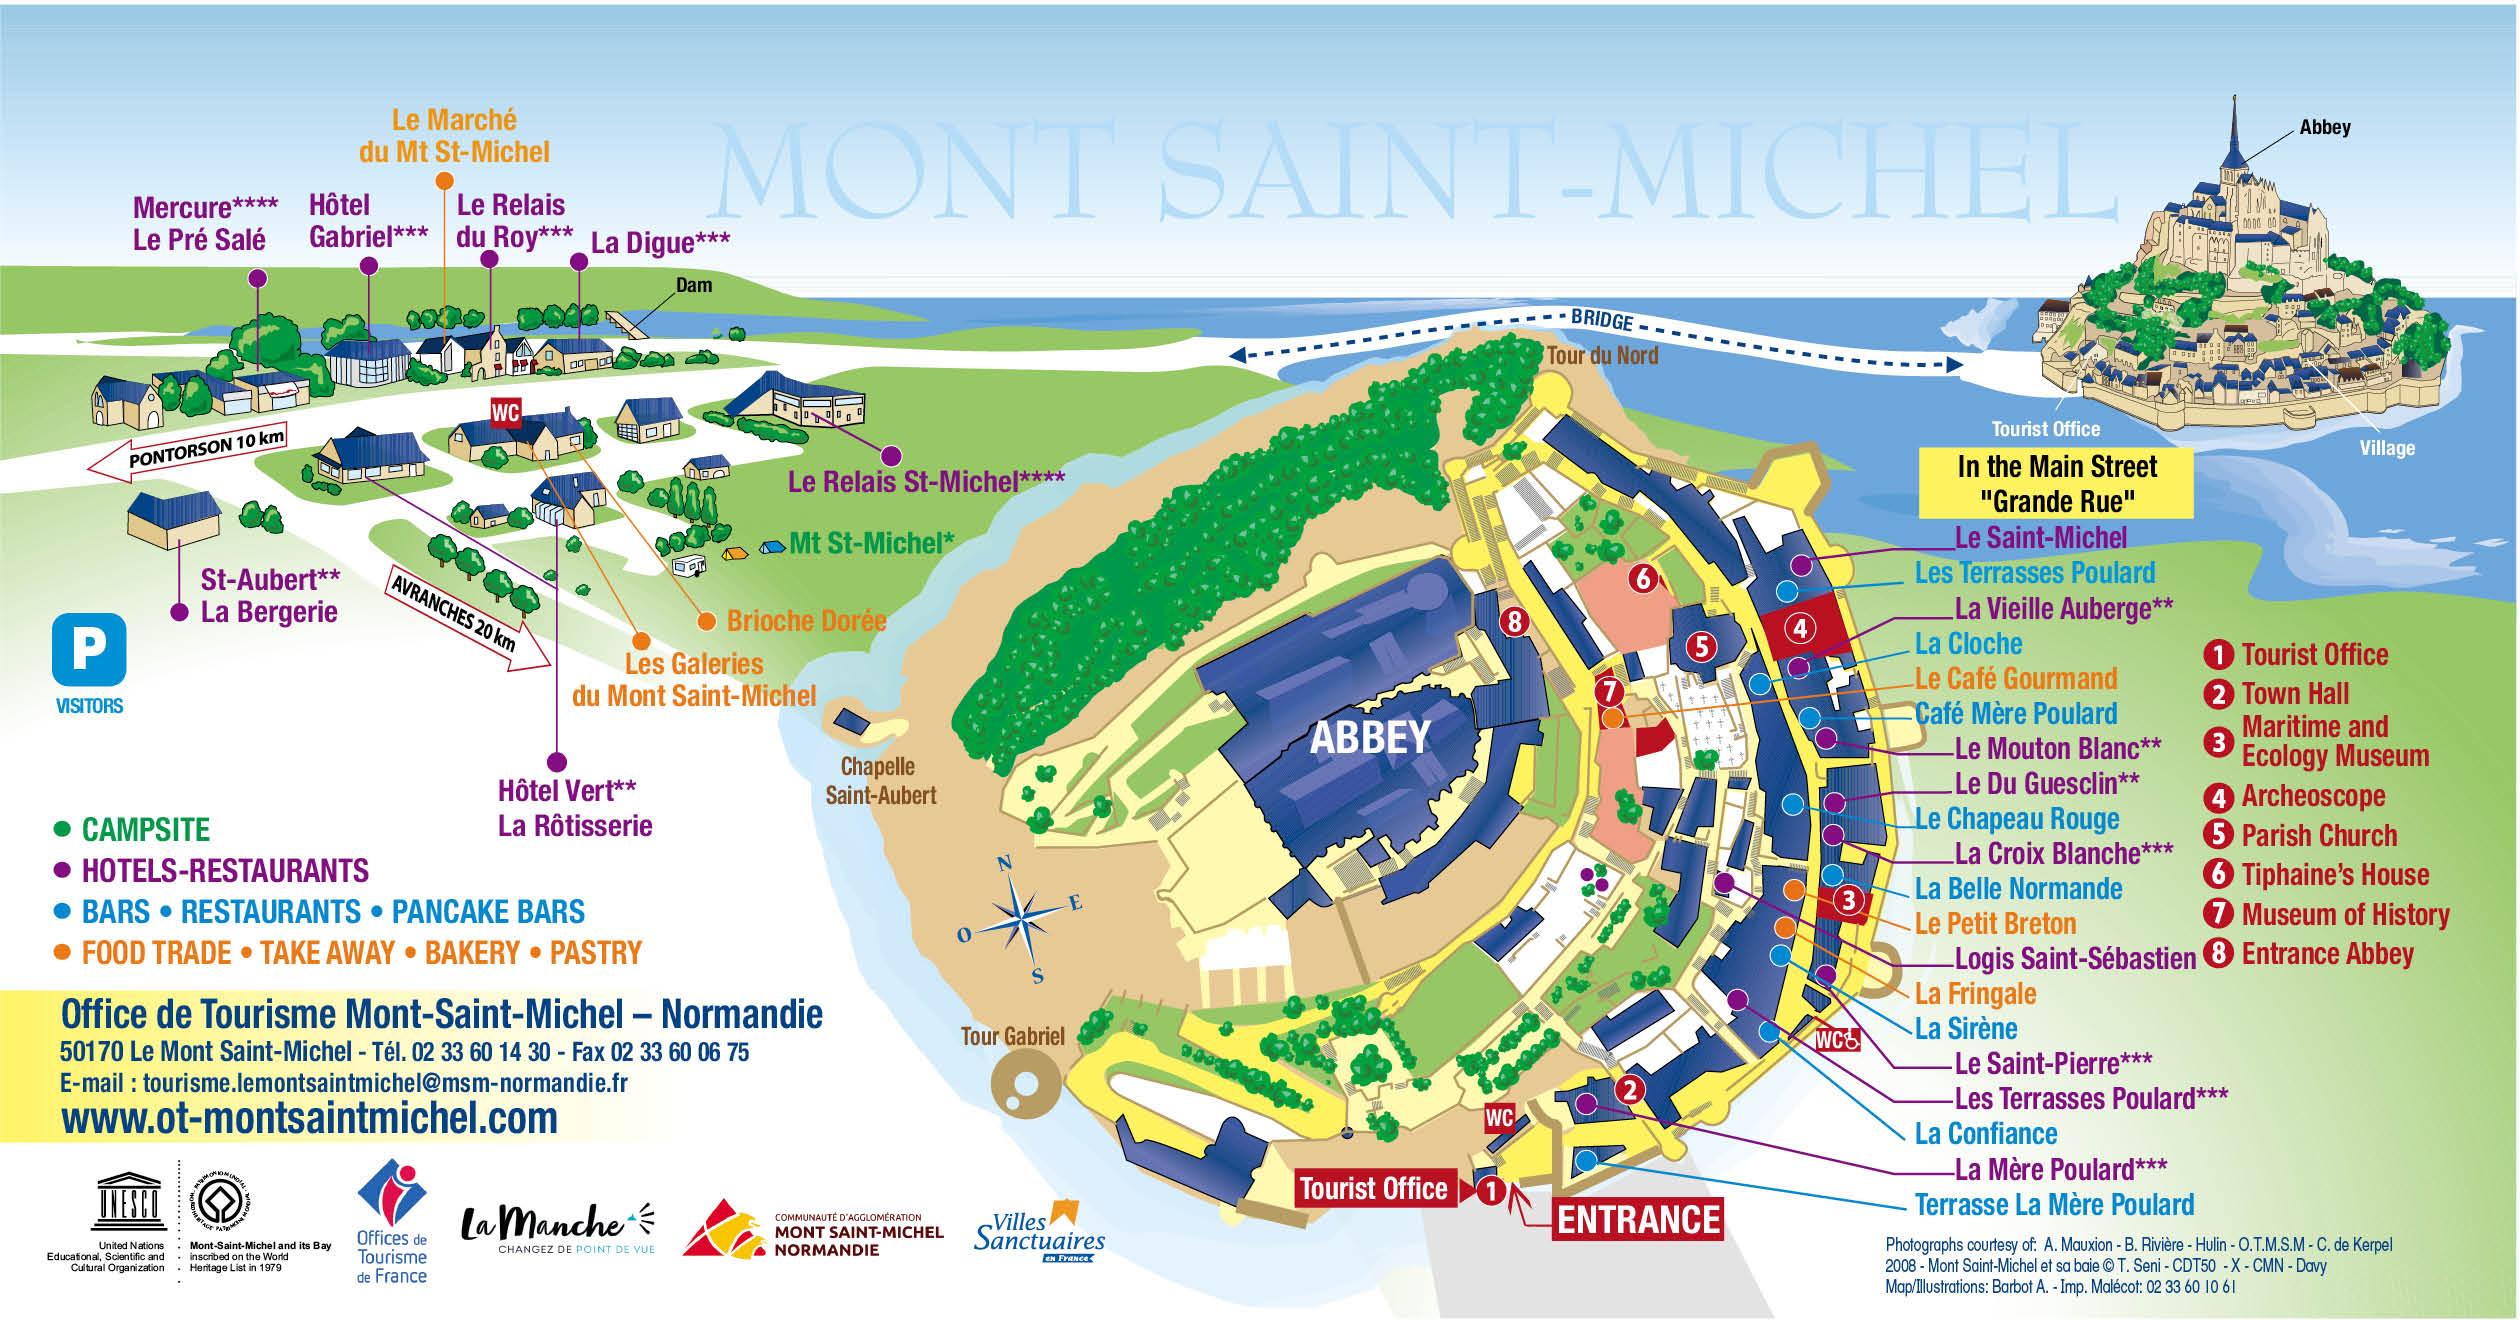 Tourist map of Mont Saint-Michel